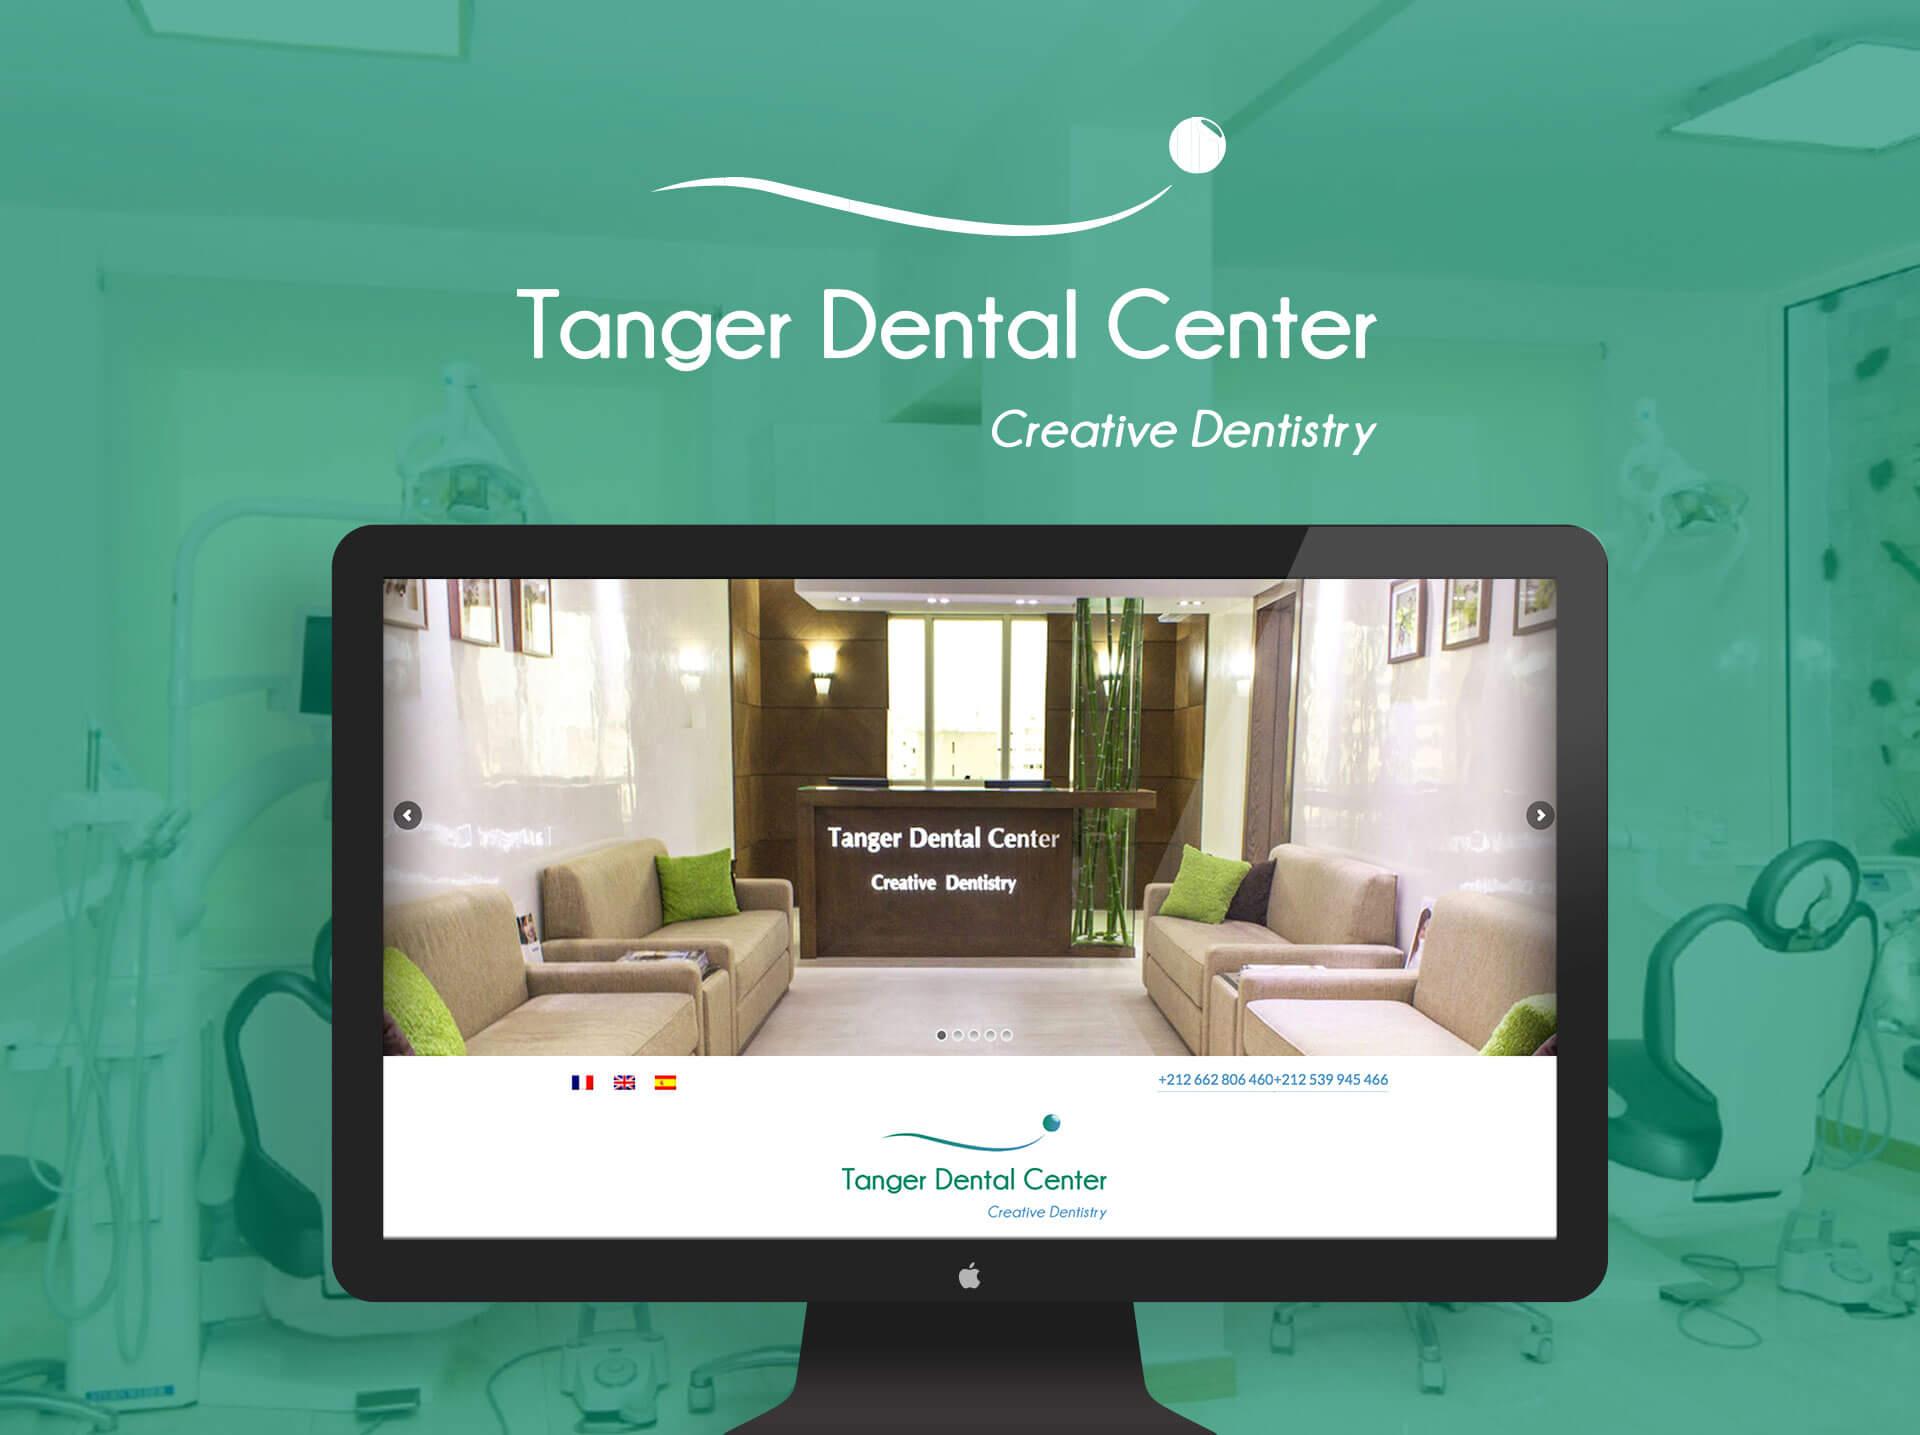 Tanger Dental Center